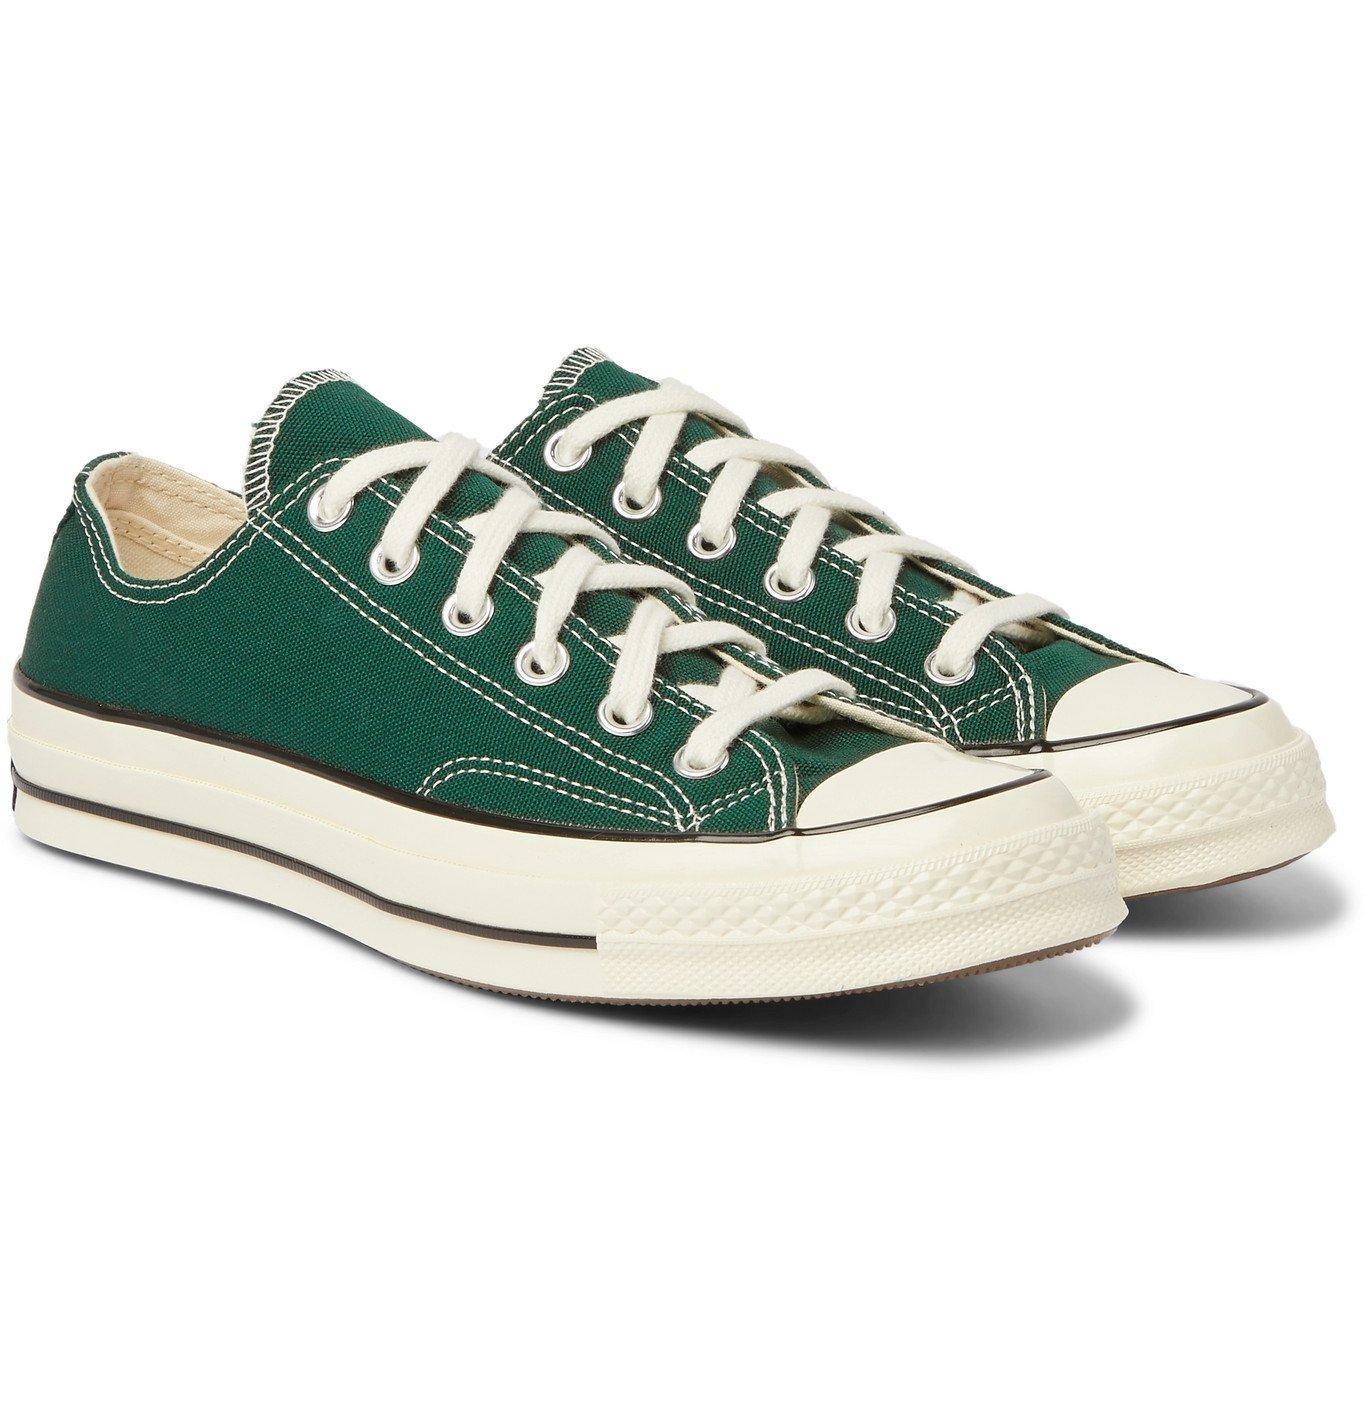 Converse - Chuck 70 OX Canvas Sneakers - Green Converse